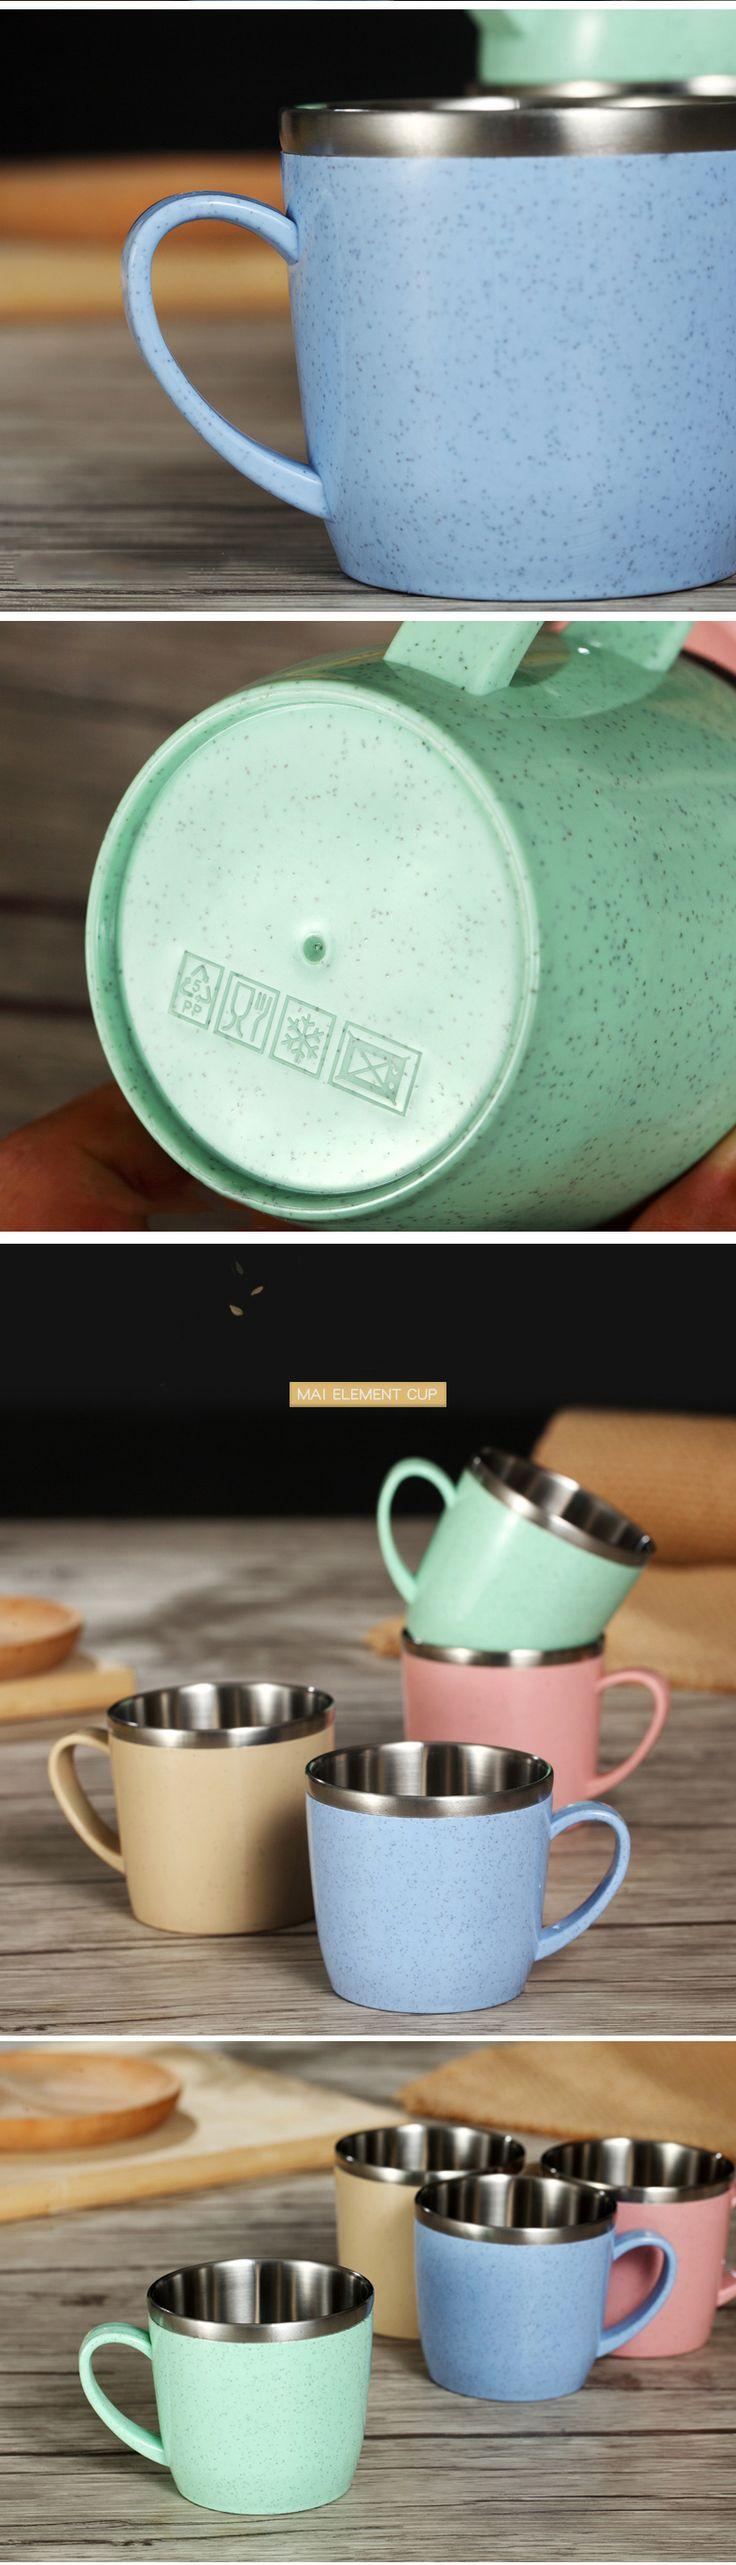 Worthbuy Творческий мини милые Пластик Кофе Чай кружка экологичный пшеничной соломы Дети питьевой воды Кружки Школа Офис Посуда для напитков купить на AliExpress